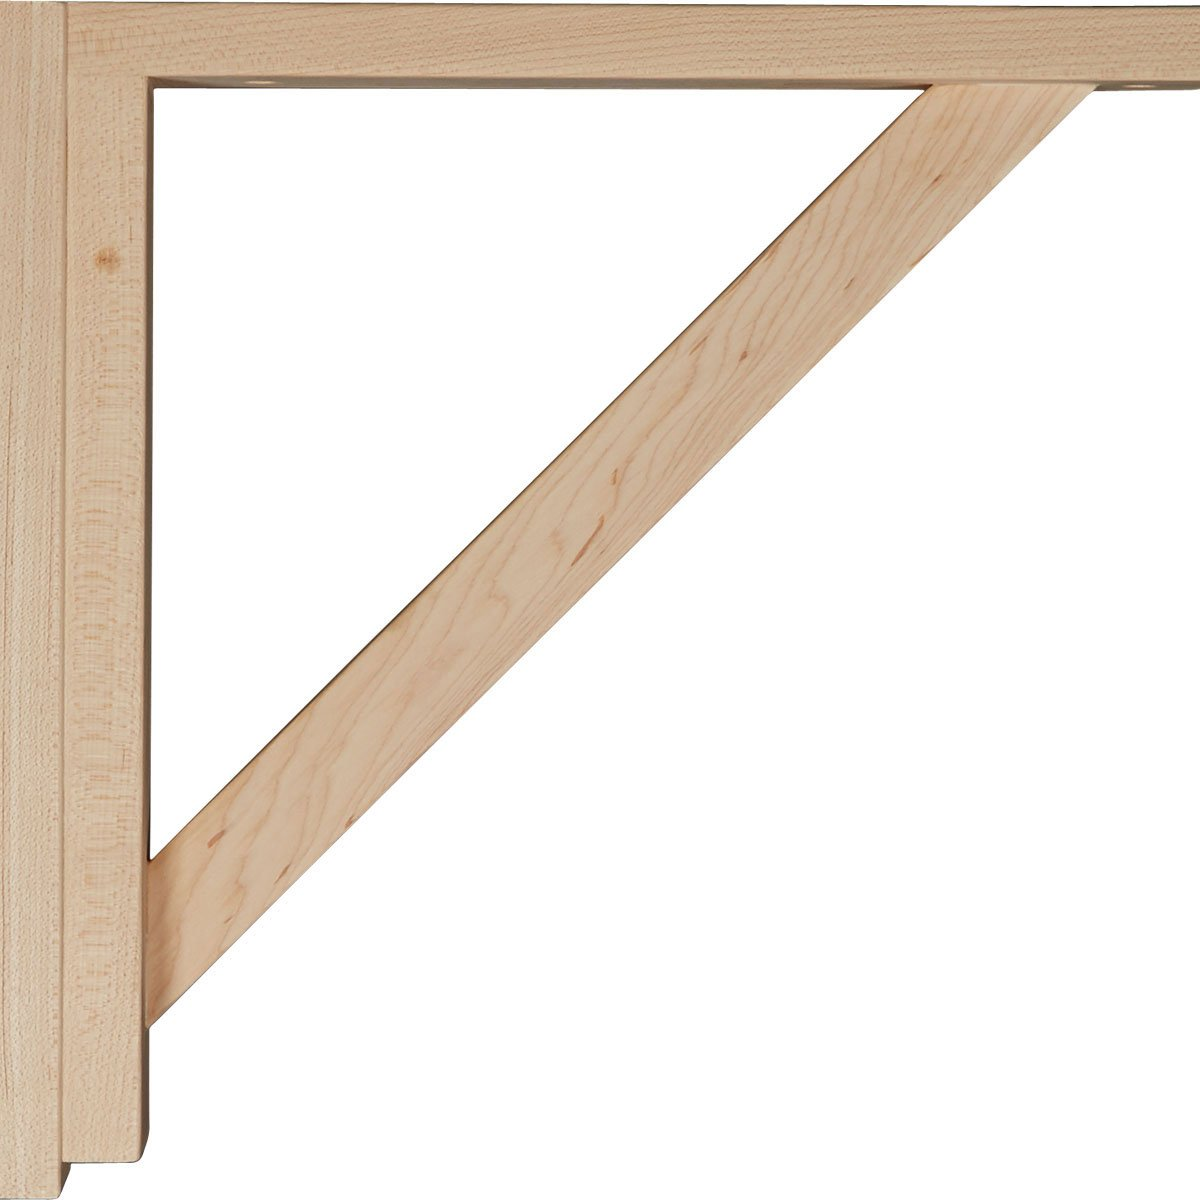 Ekena Millwork BKT02X12X12TRRO  2 1//2-Inch W by 12 3//4-Inch D by 12 1//4-Inch H Traditional Shelf Bracket Red Oak